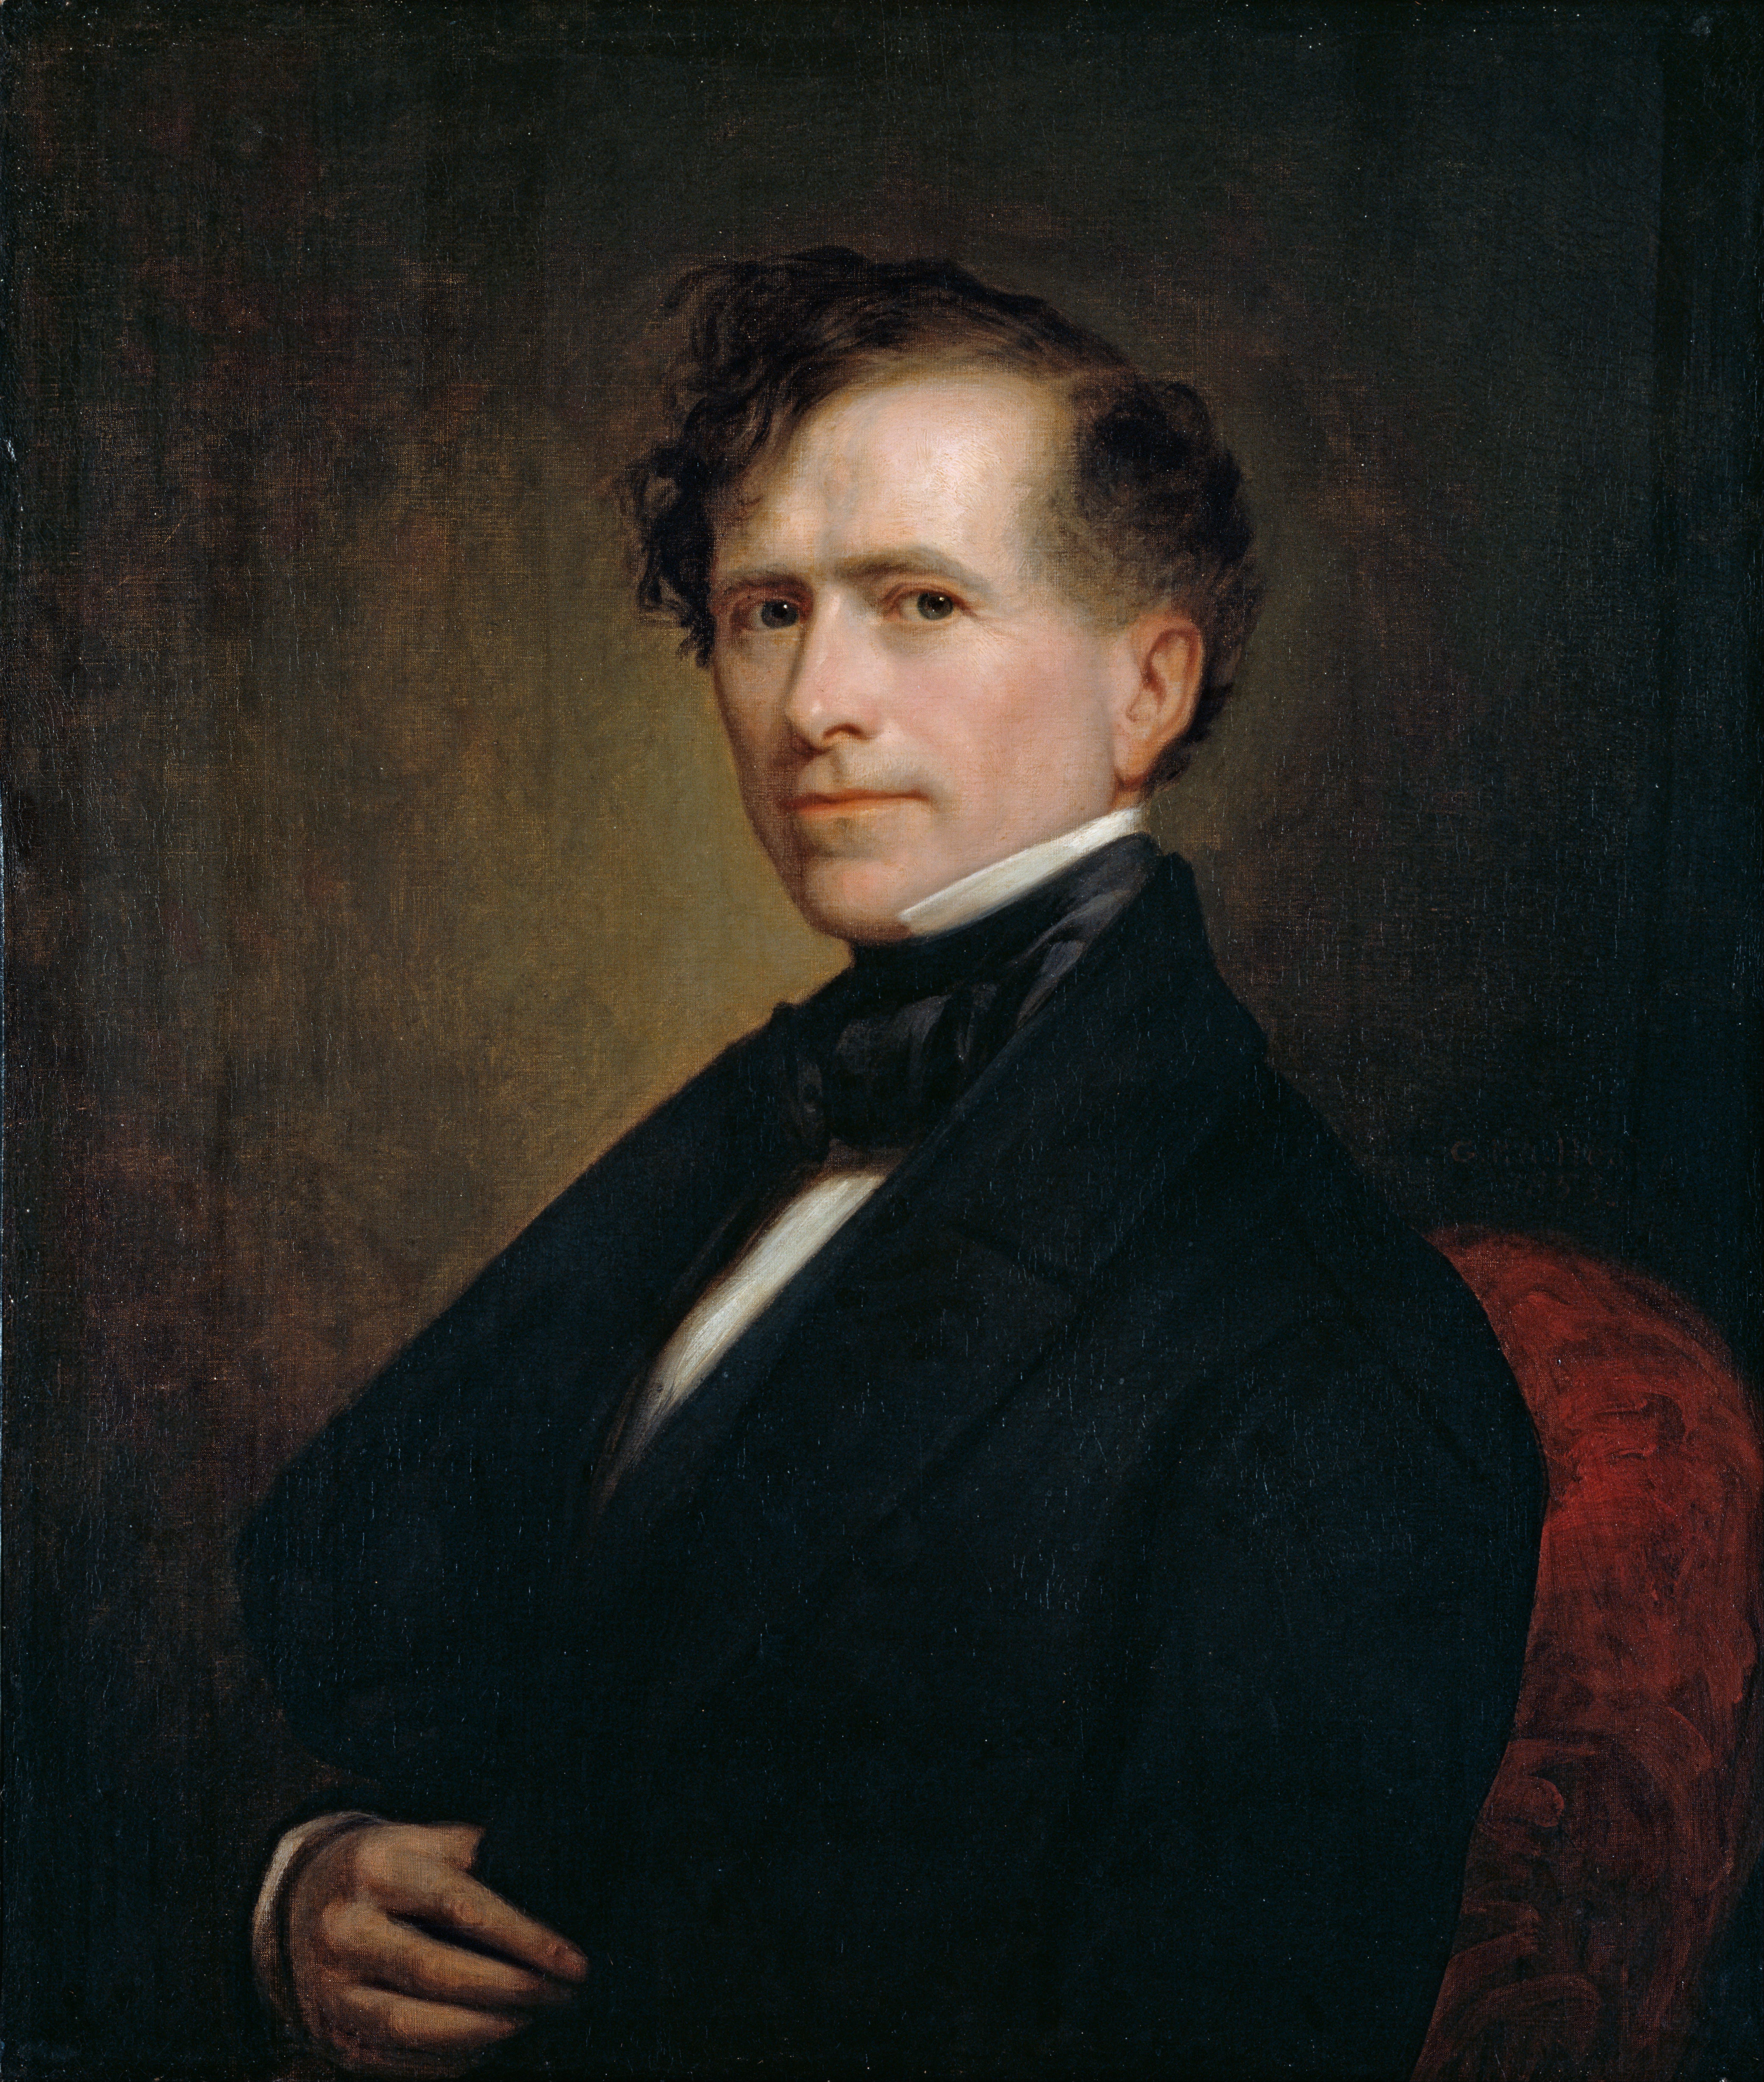 Franklin Pierce httpsuploadwikimediaorgwikipediacommons66